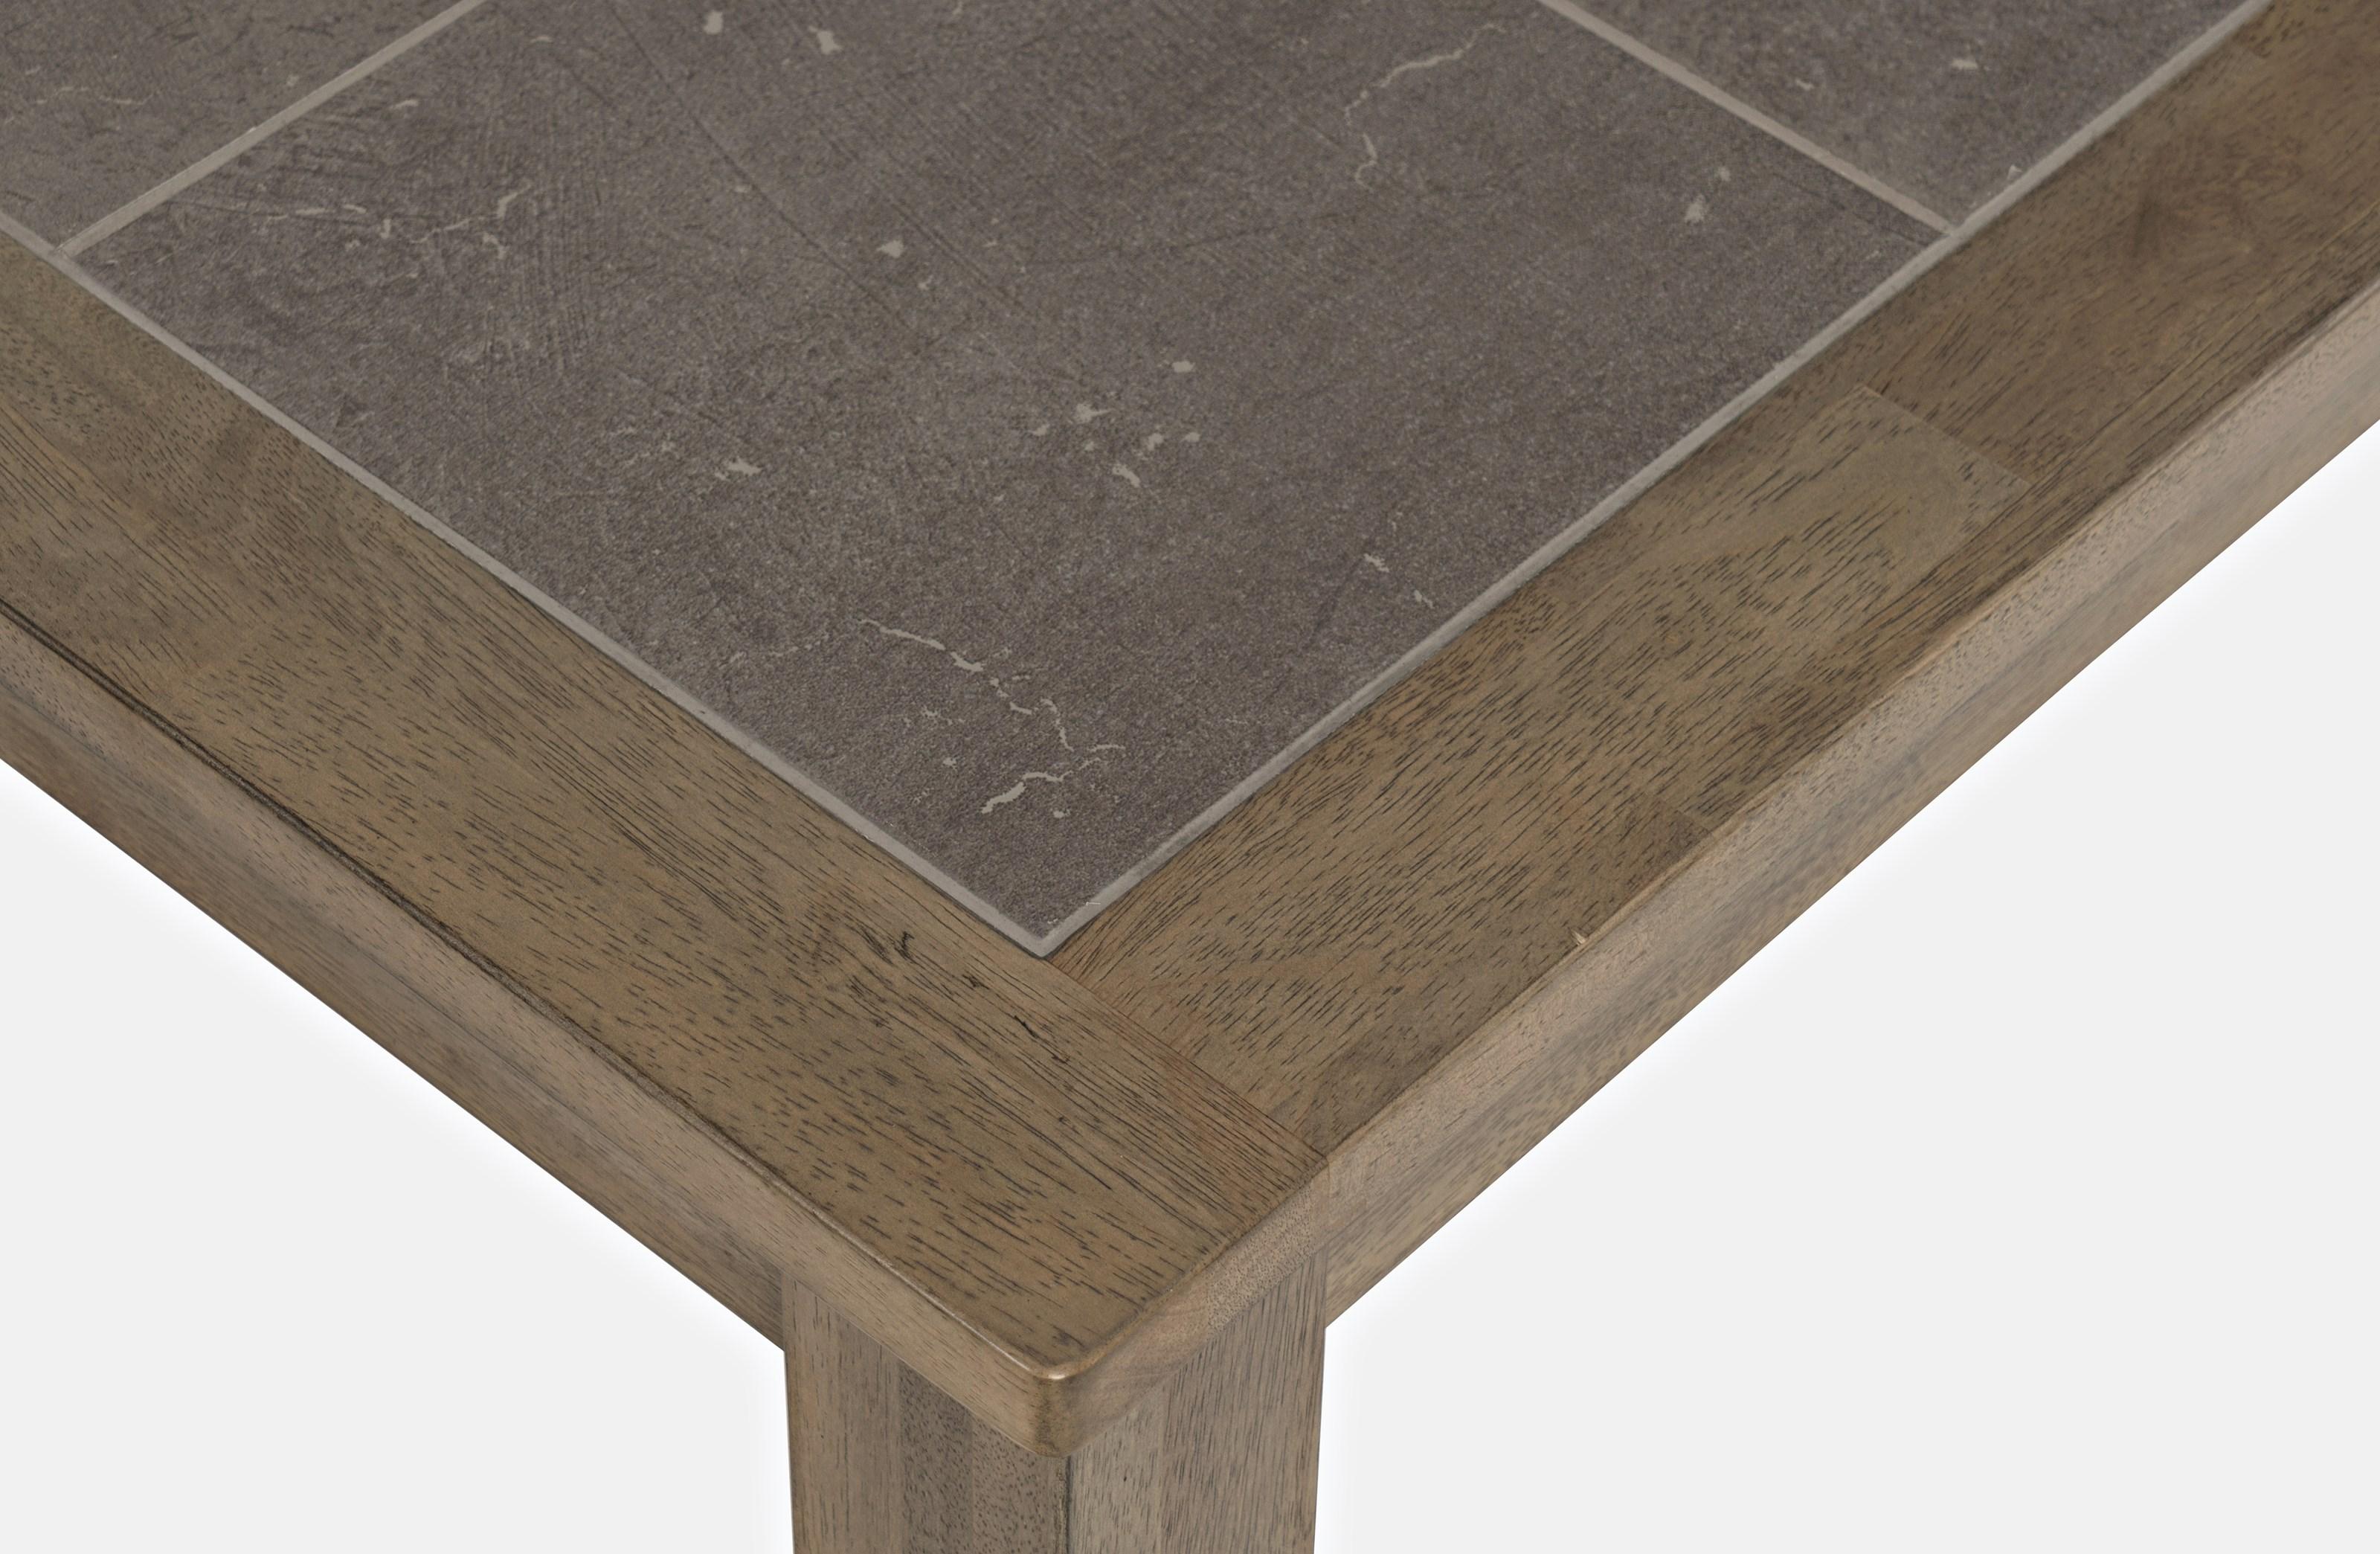 prescott park extension tile top dining table